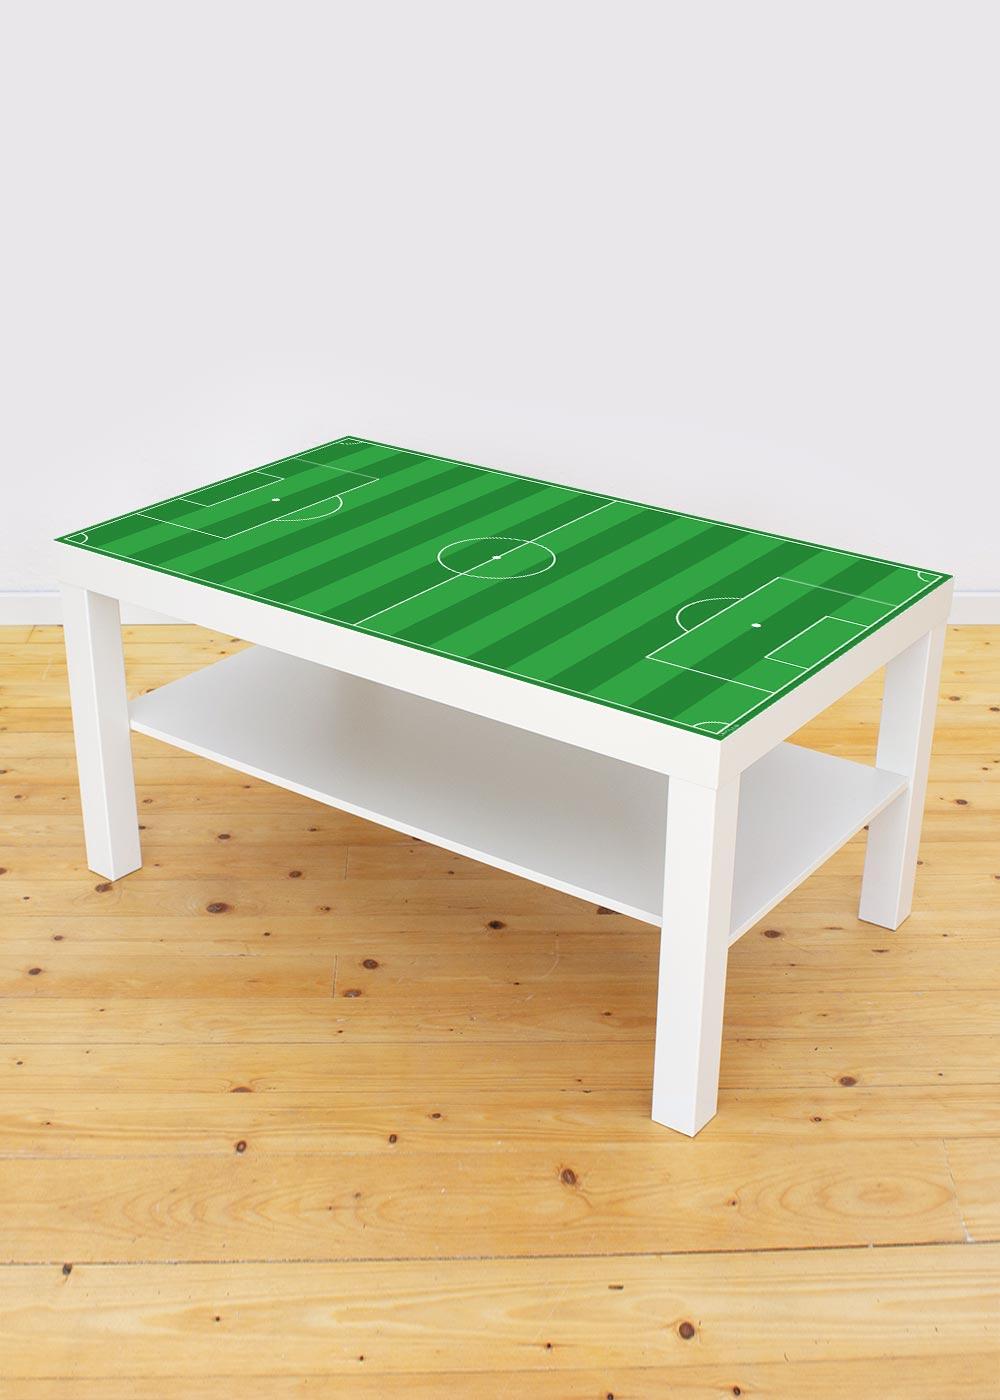 Ikea Lack Couchtisch Fußball grün 55x90 Gesamtansicht